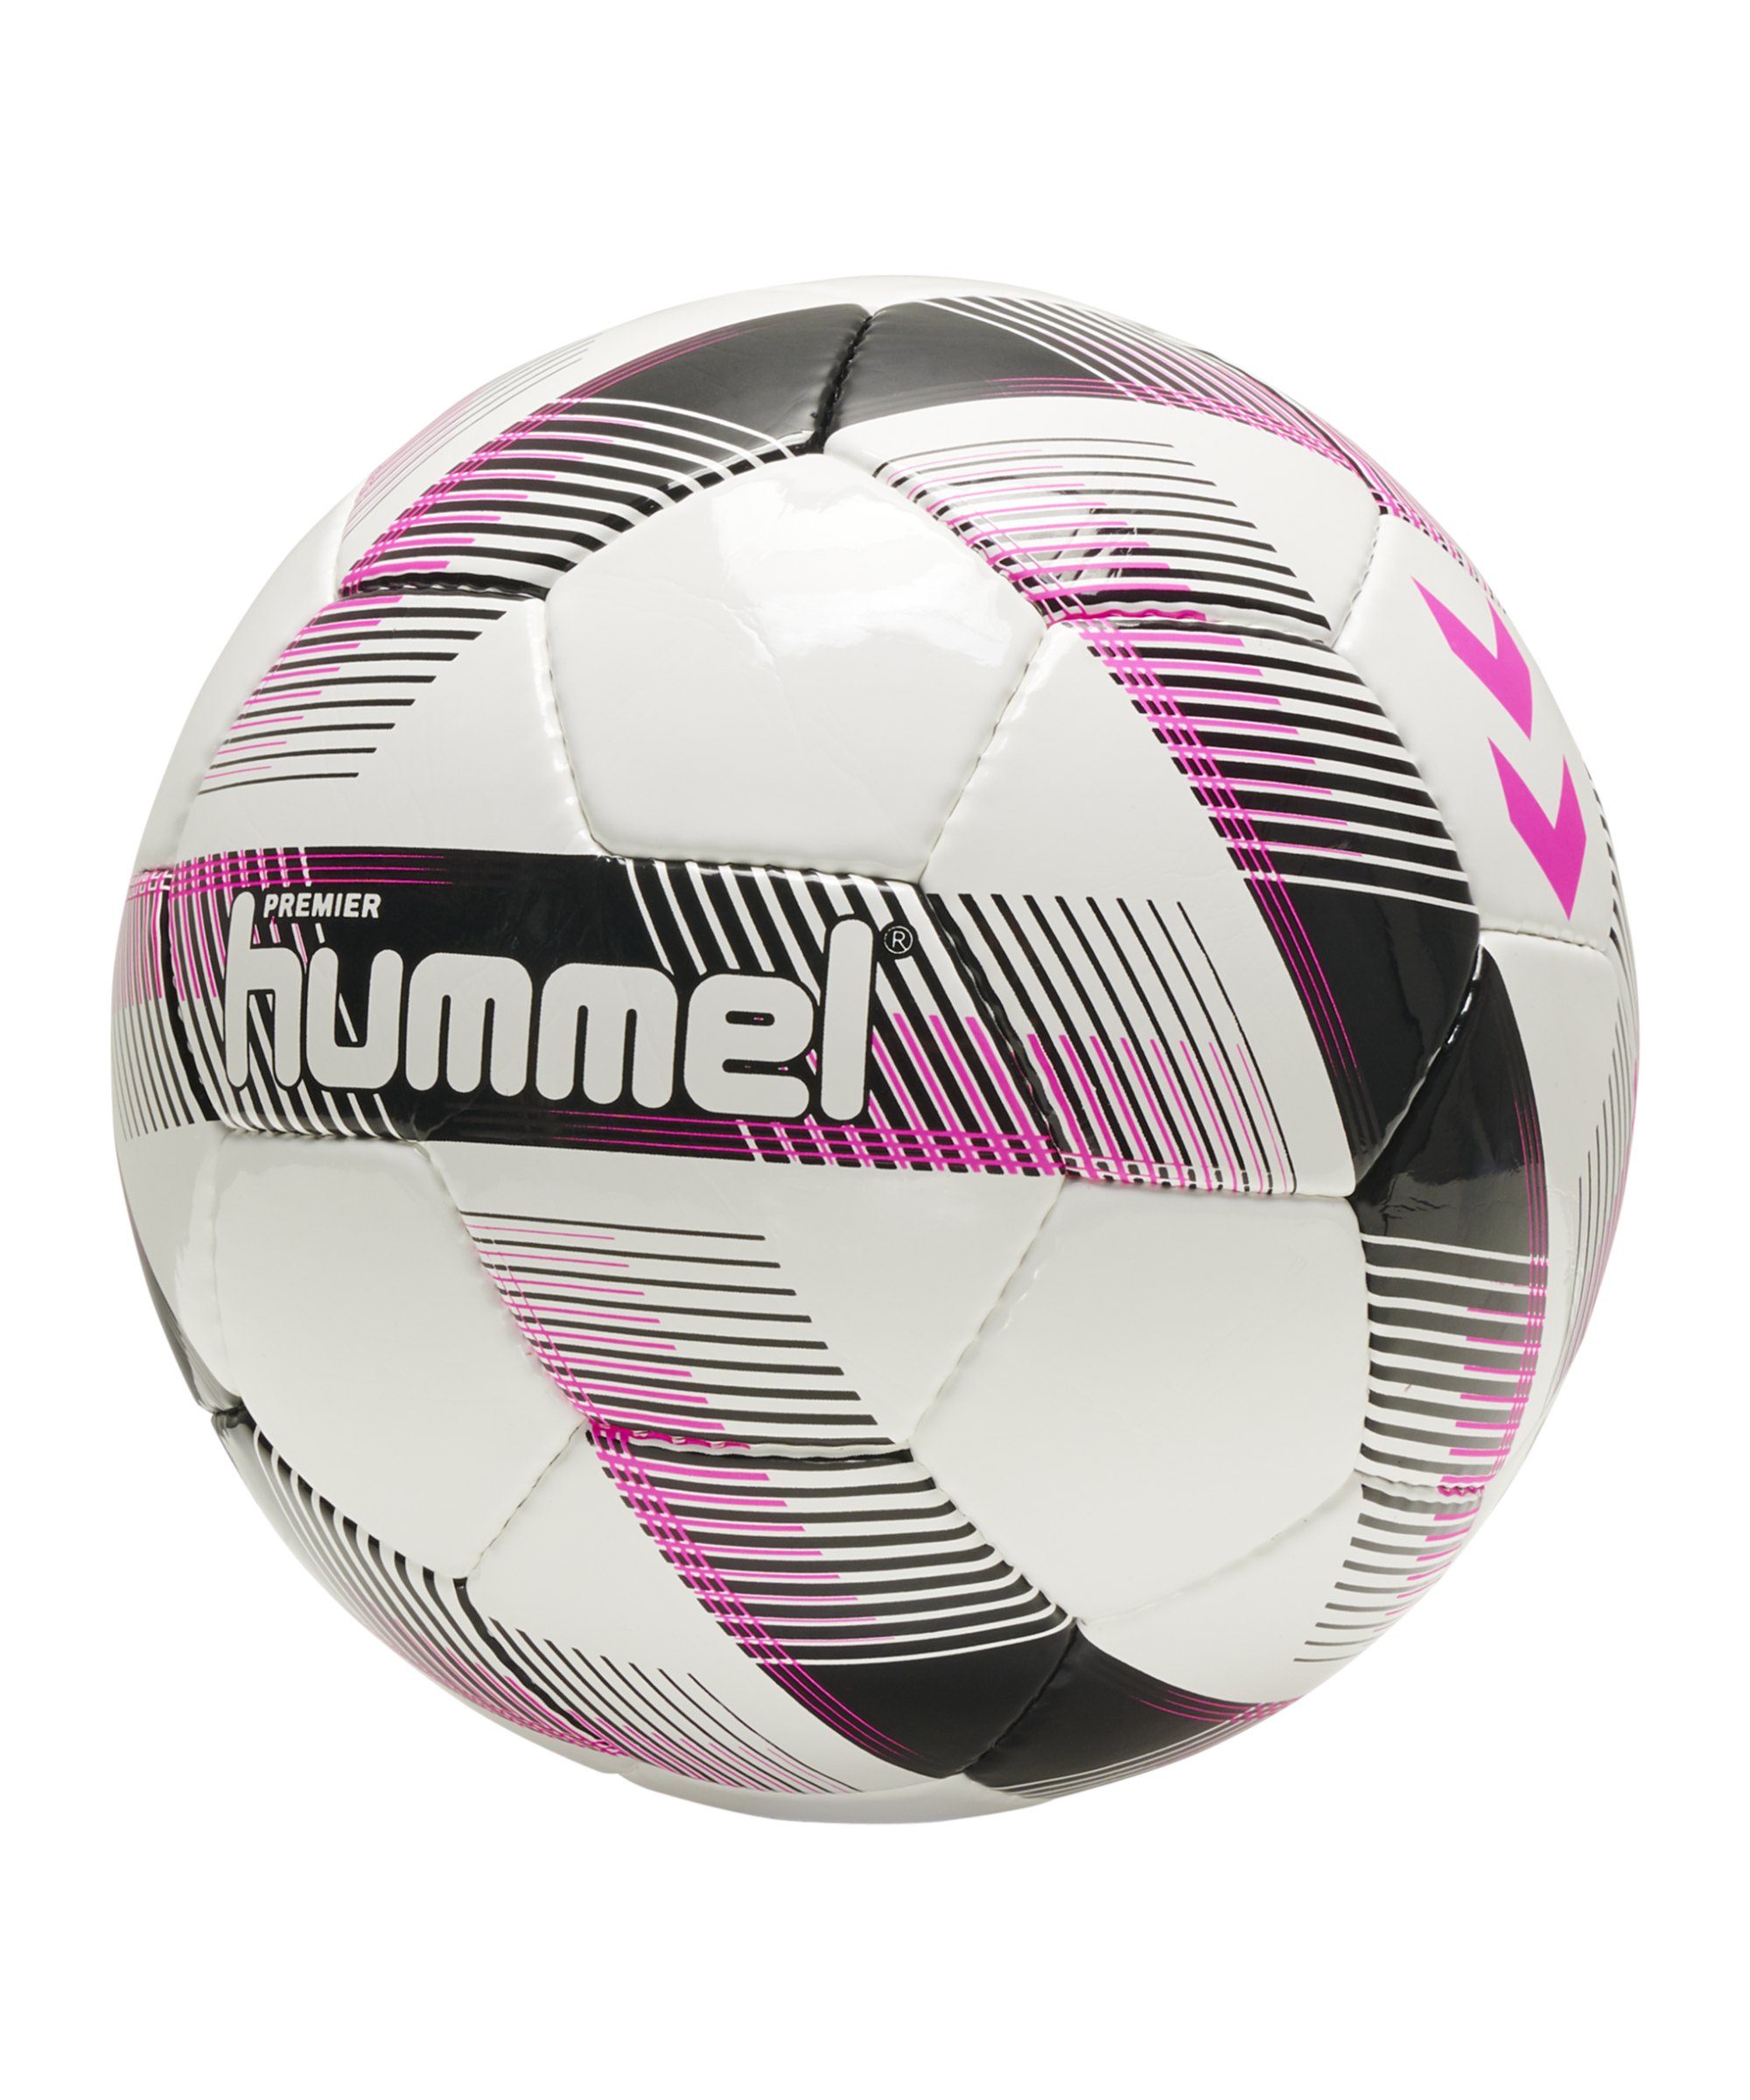 Hummel Premier Fussball Weiss F9047 - weiss